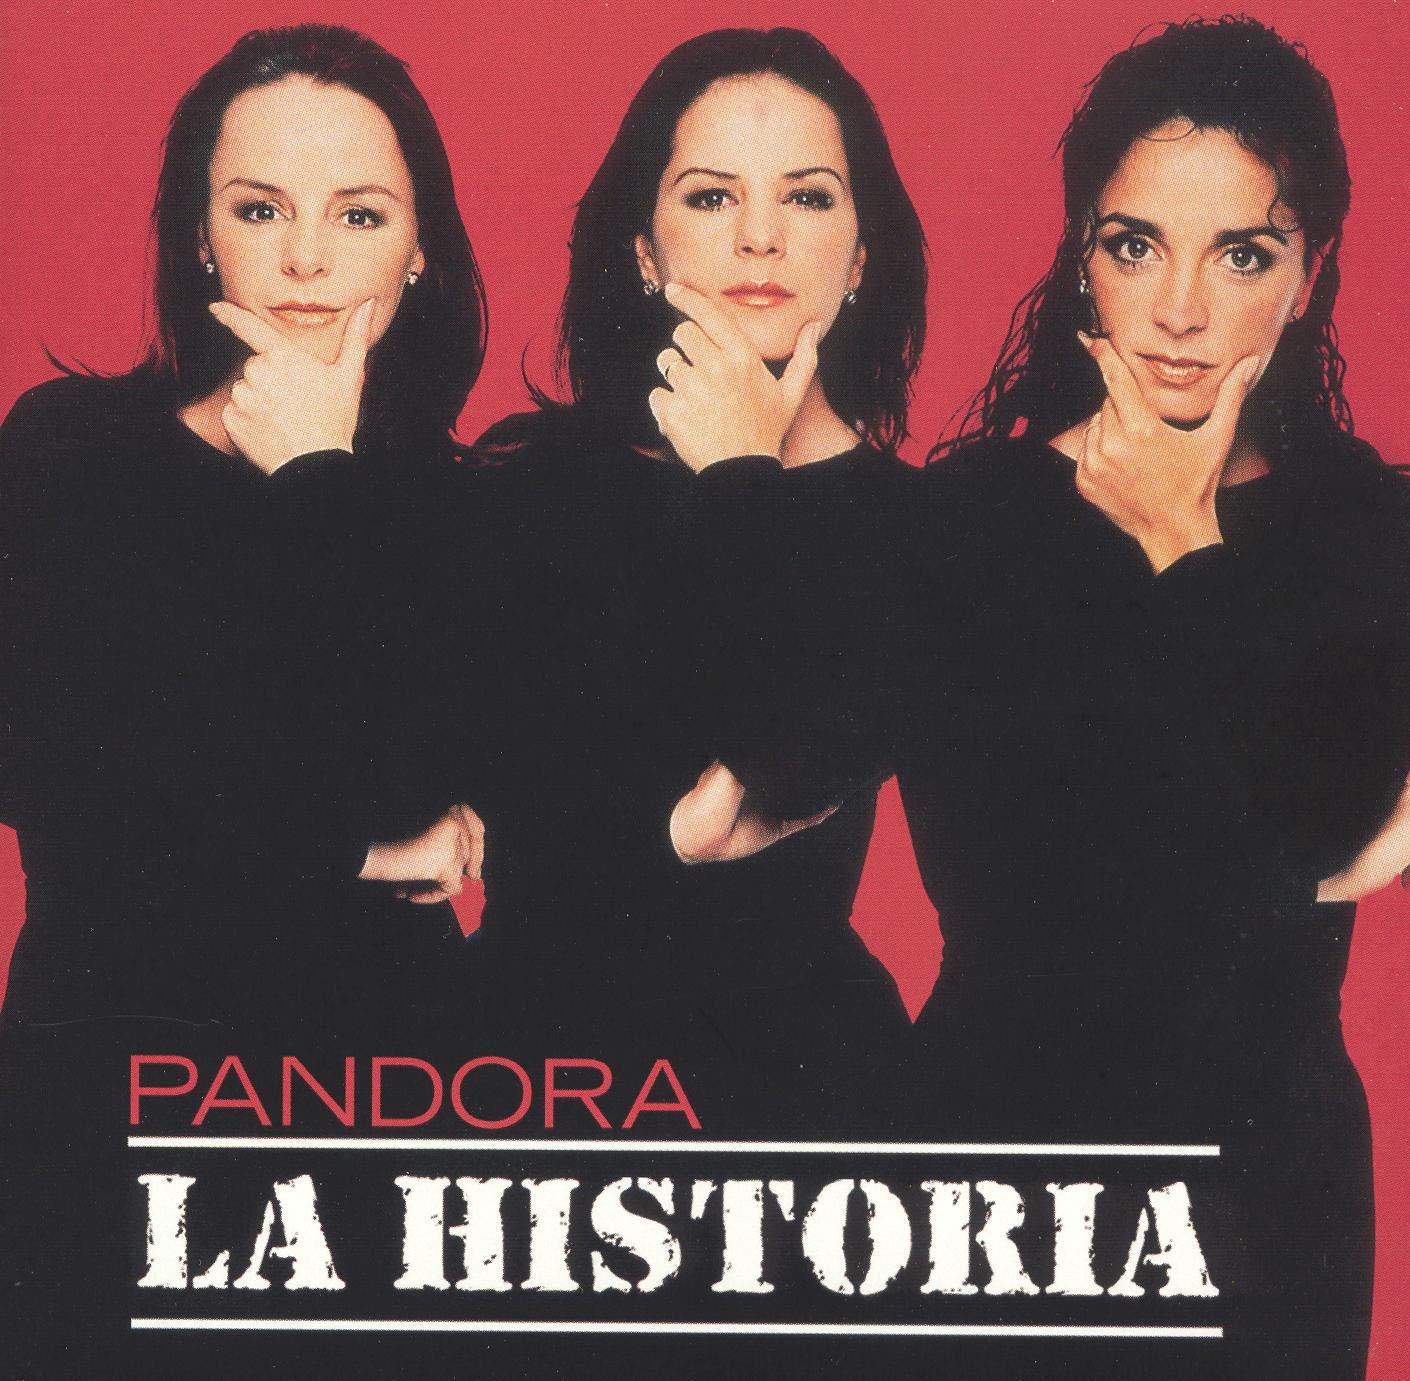 Pandora: La Historia